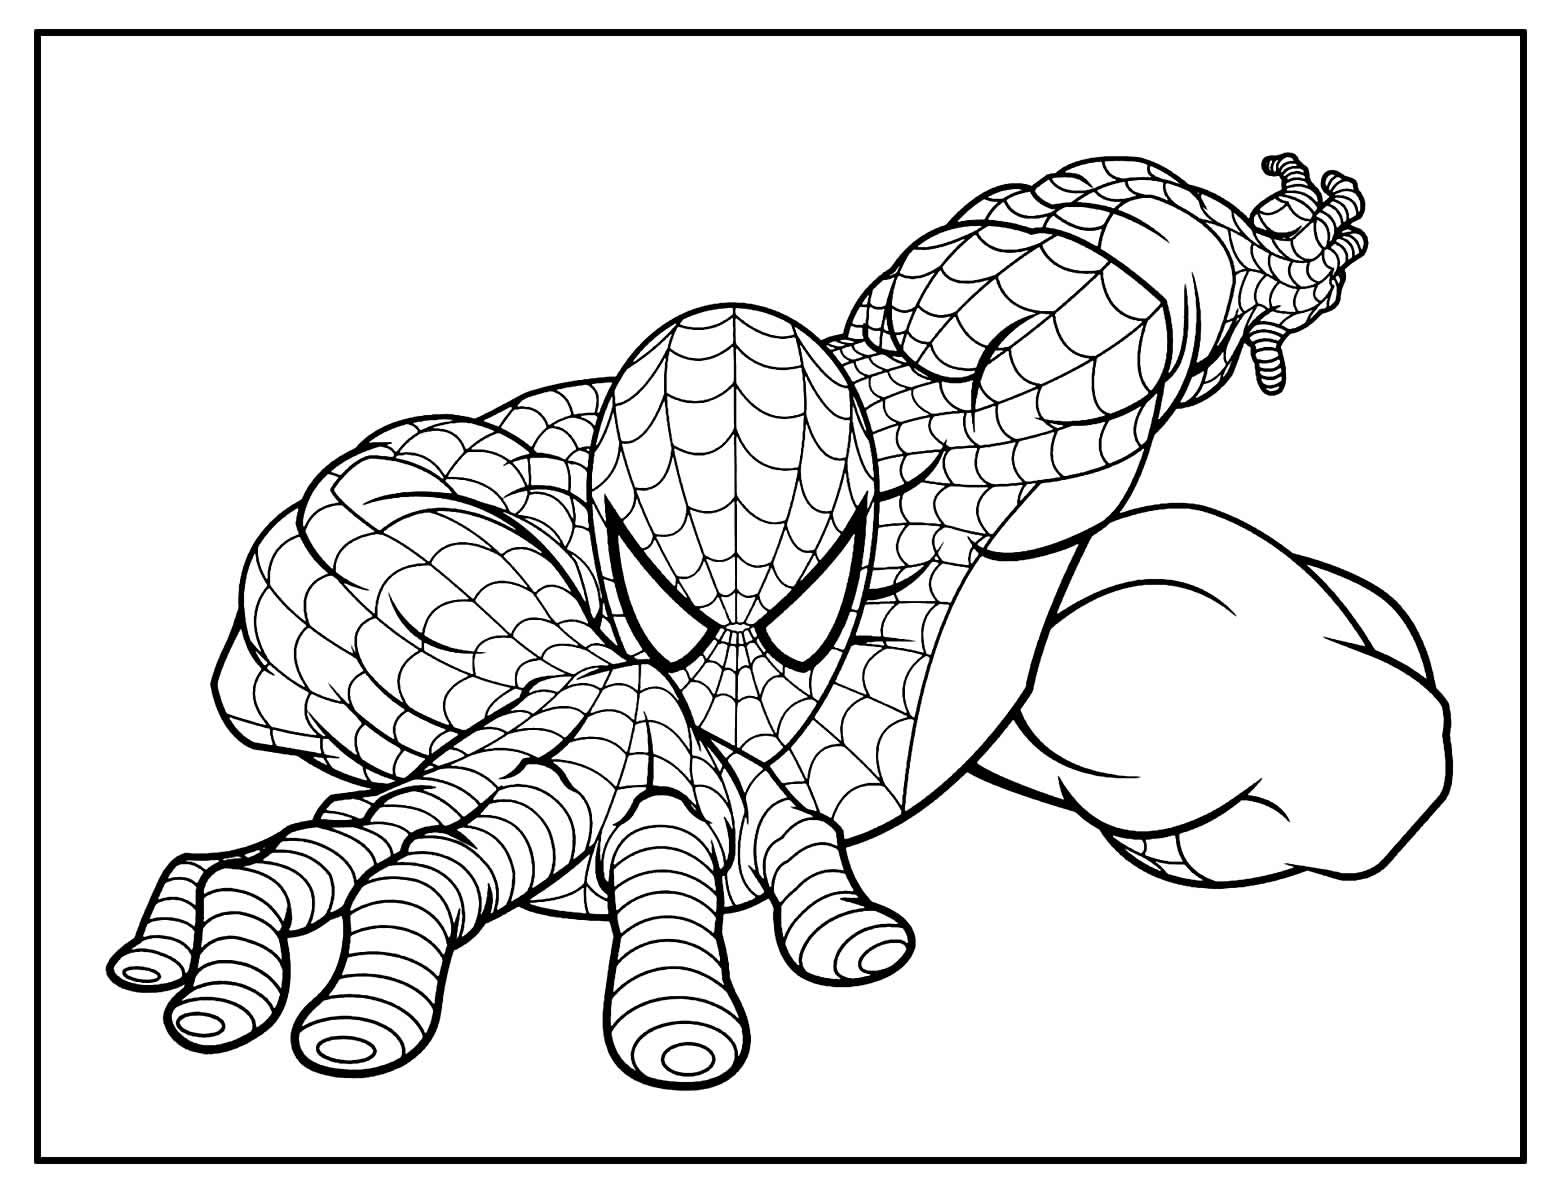 Página para colorir do Homem-Aranha